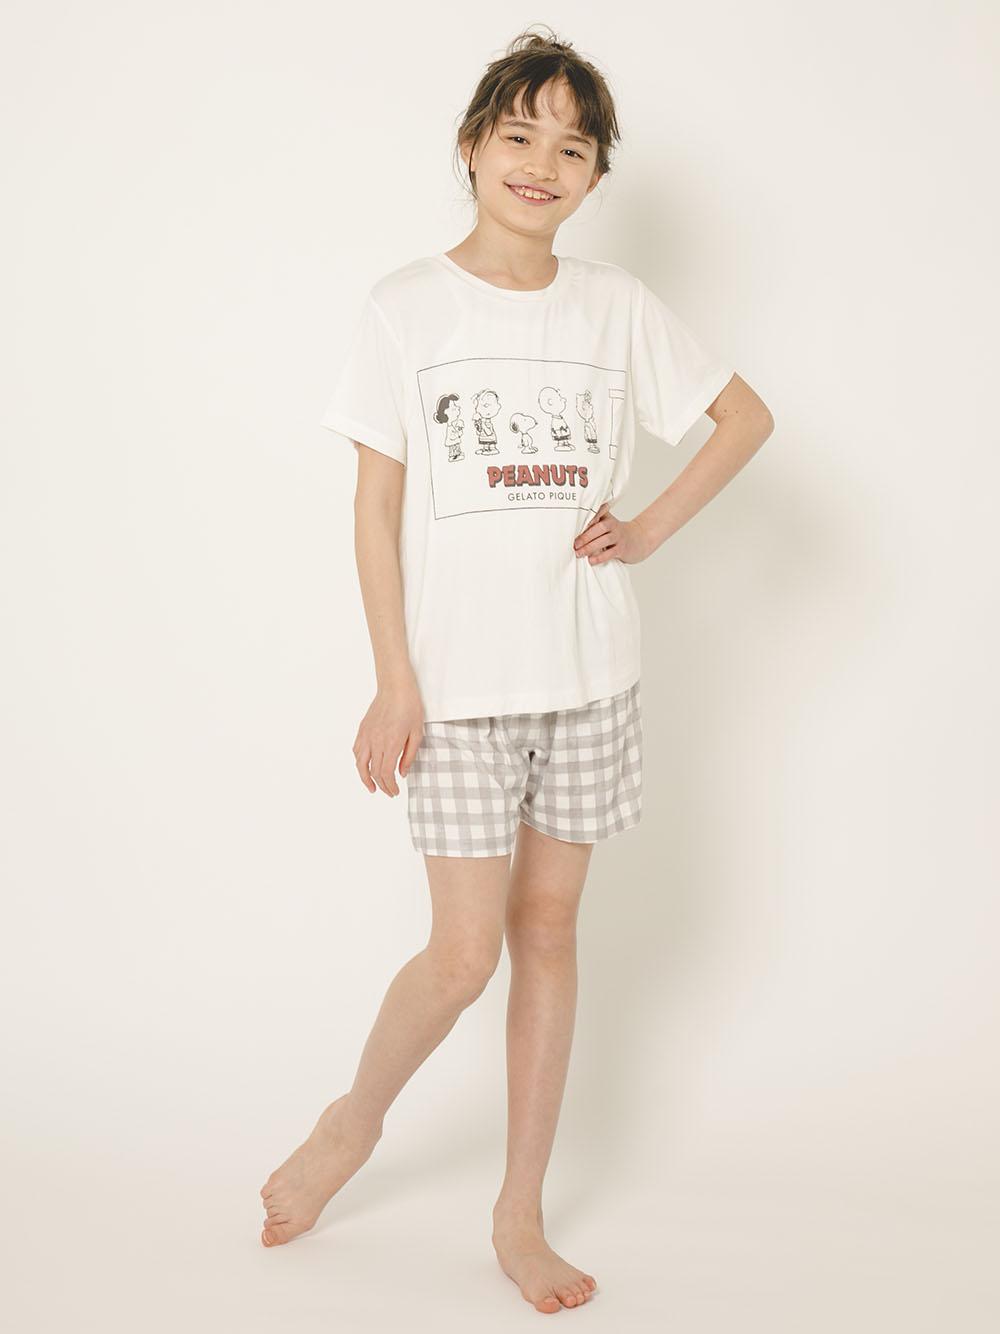 【オフィシャルオンラインストア限定】【PEANUTS】【junior】Tシャツ&ギンガムショートパンツSET | PJCT212490